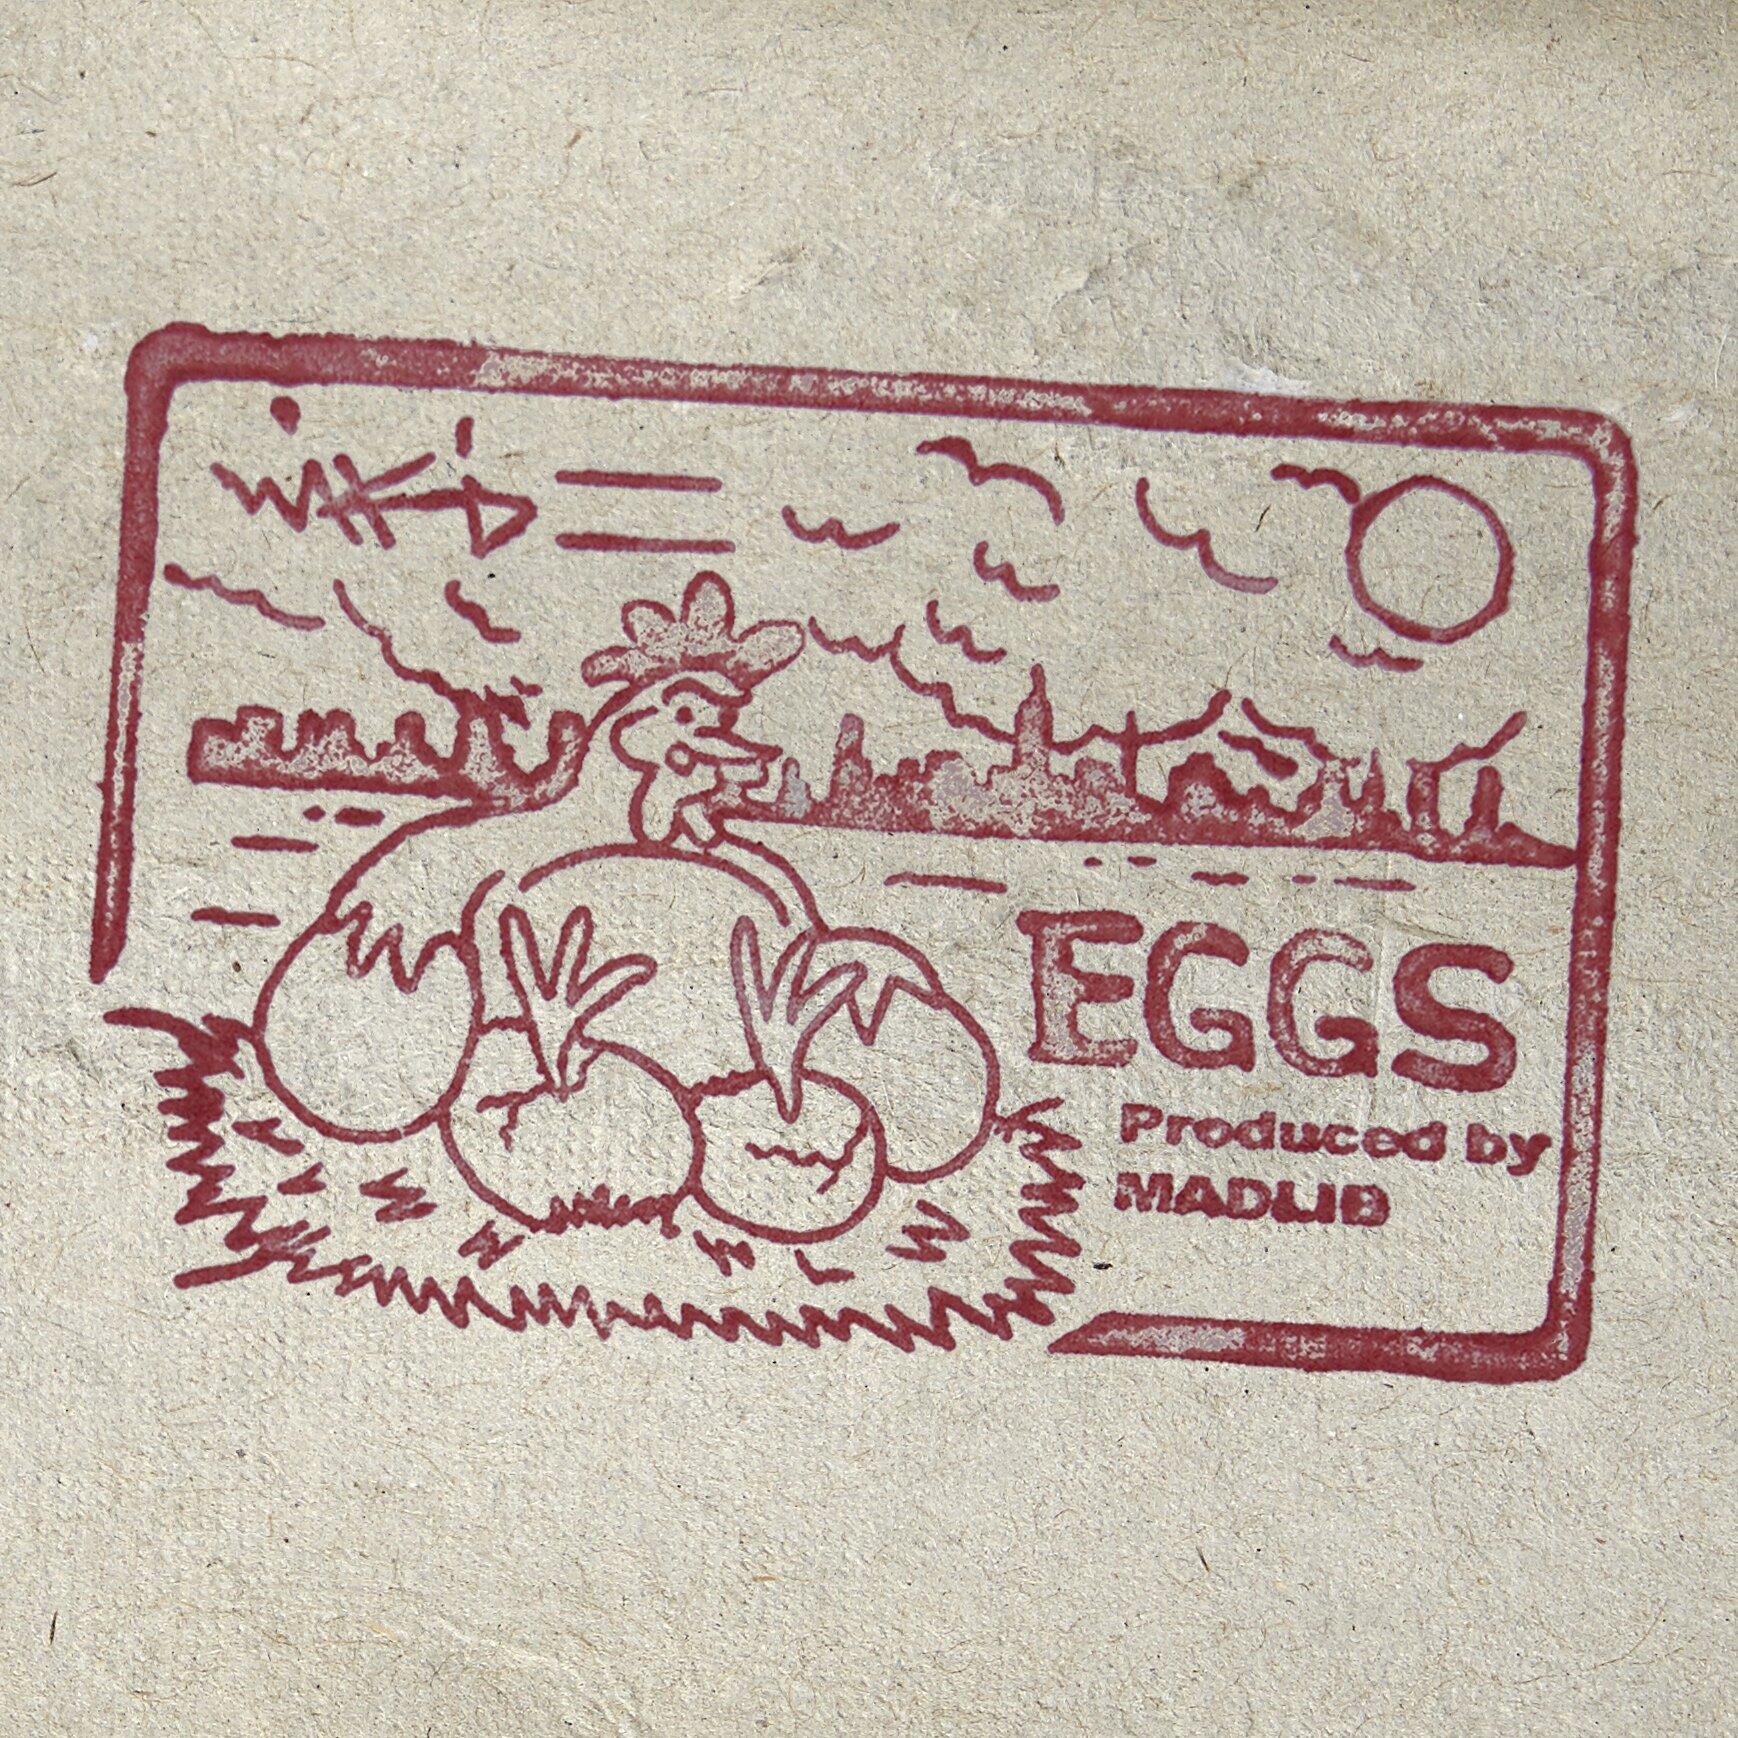 Wiki - Eggs Artwork.jpg